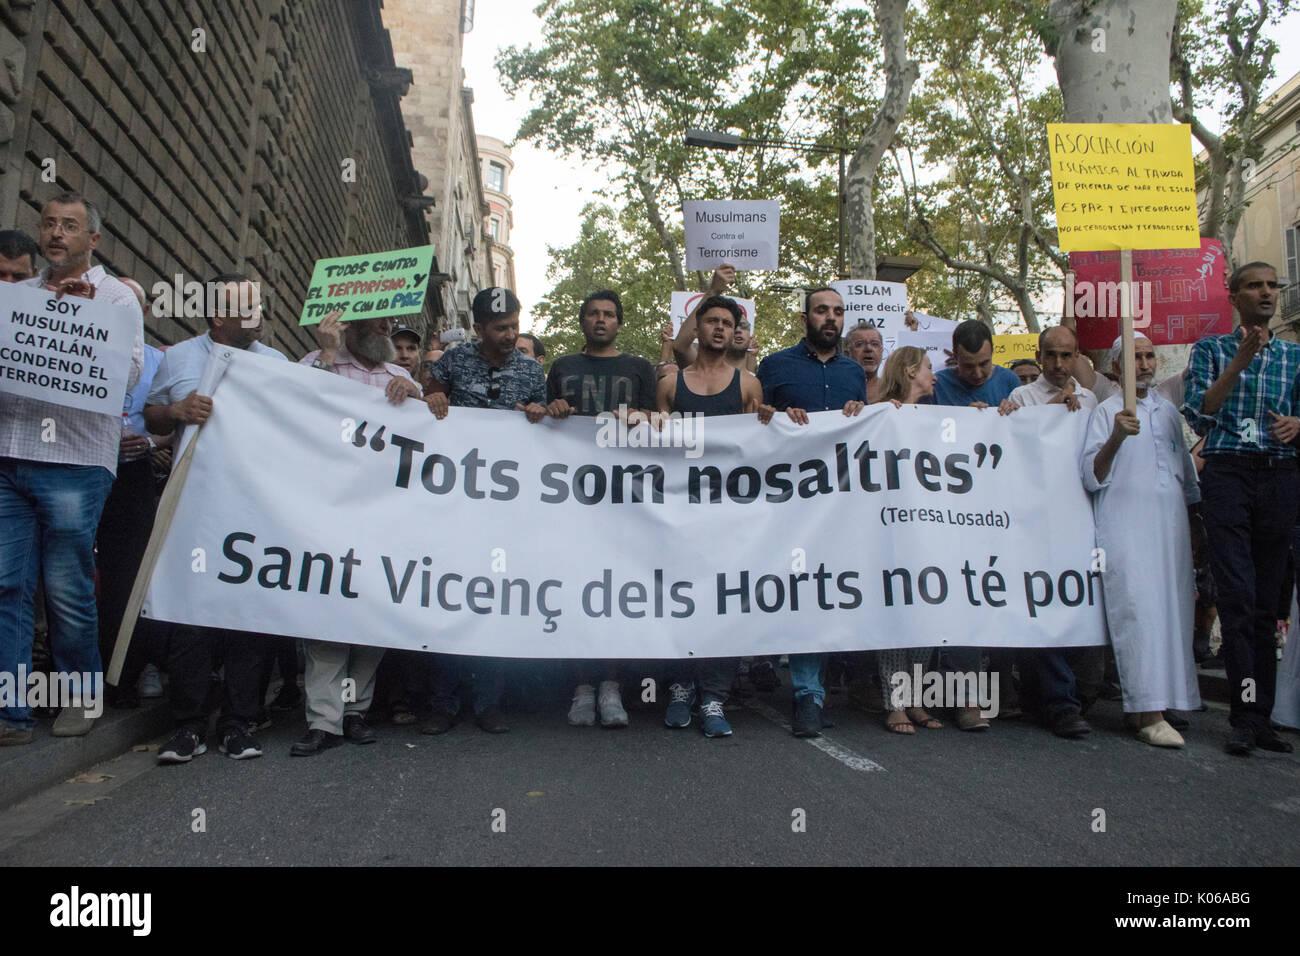 Barcelone, Espagne. 21 août, 2017. Mars manifestants musulmans contre le terrorisme sur les rues de Barcelone à la suite d'une attaque terroriste qui a coûté la vie à 14 personnes. Credit: Evan McCaffrey/Alamy Live News Banque D'Images